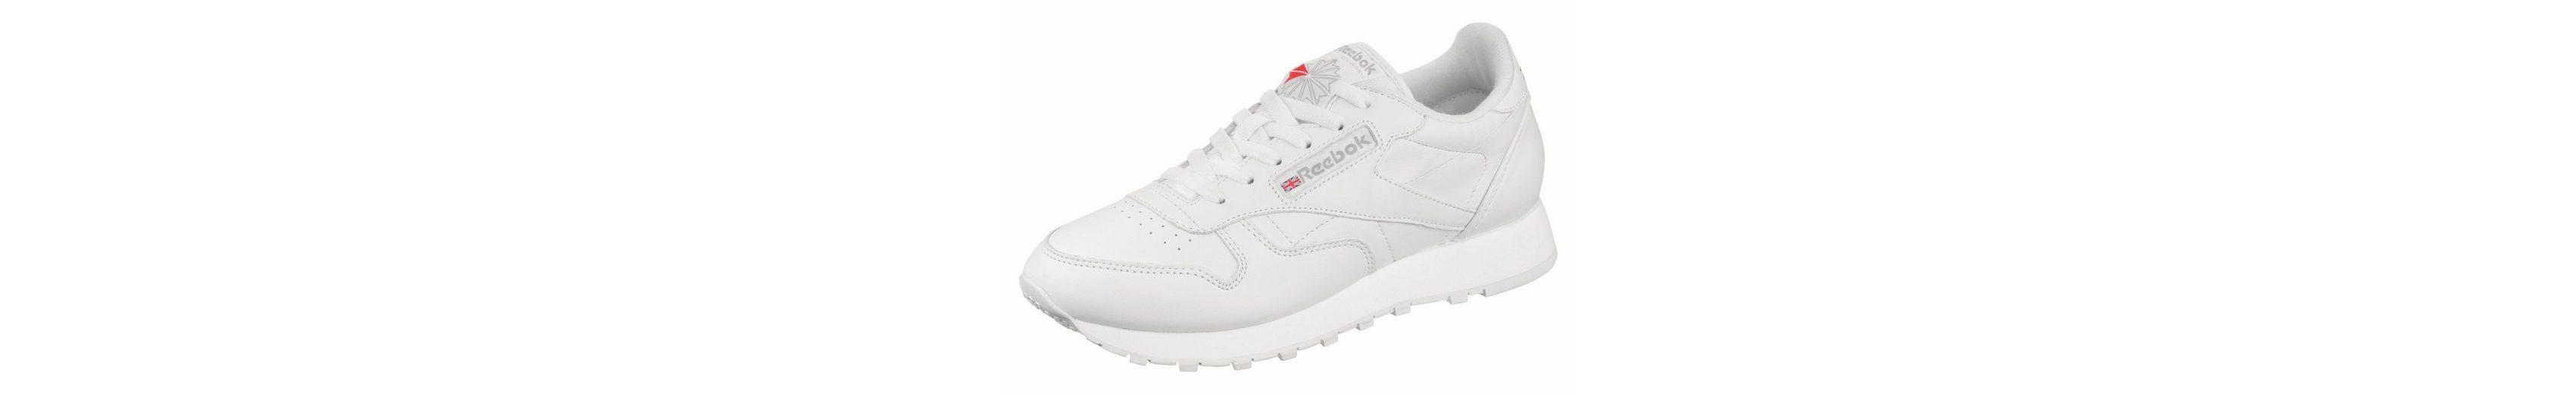 Modisch Reebok Classic Classic Leather W Sneaker Verkauf Visum Zahlung Steckdose In Deutschland dpdoZib